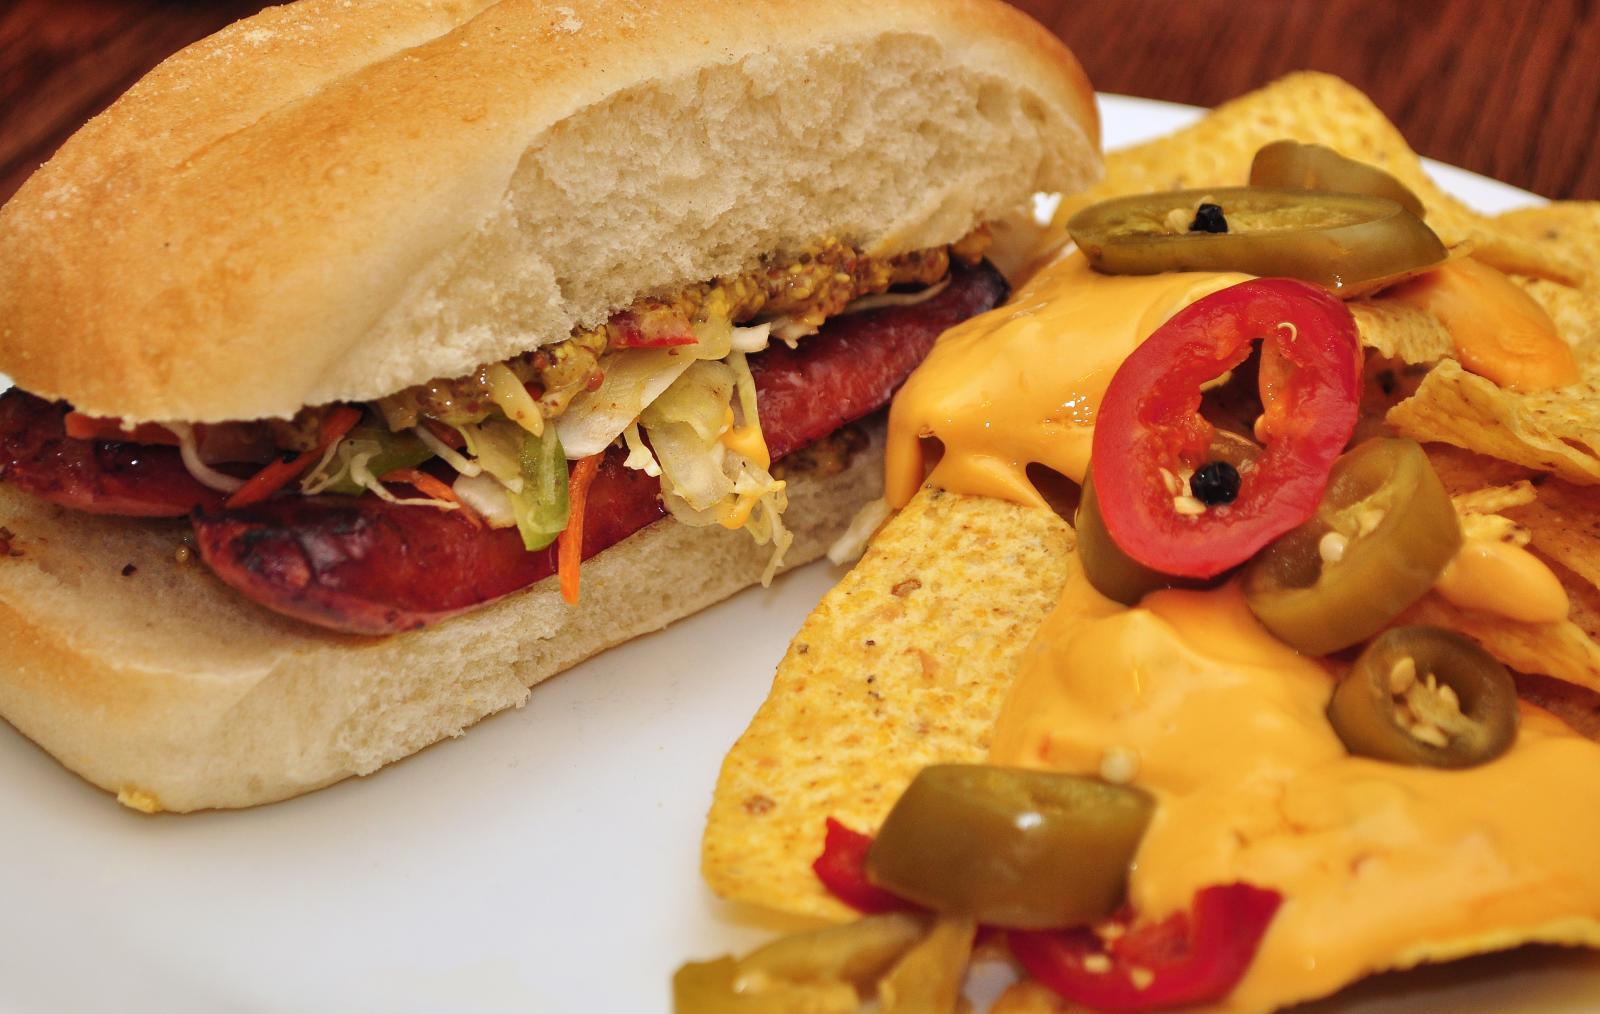 Sausage_sandwich_with_nachos